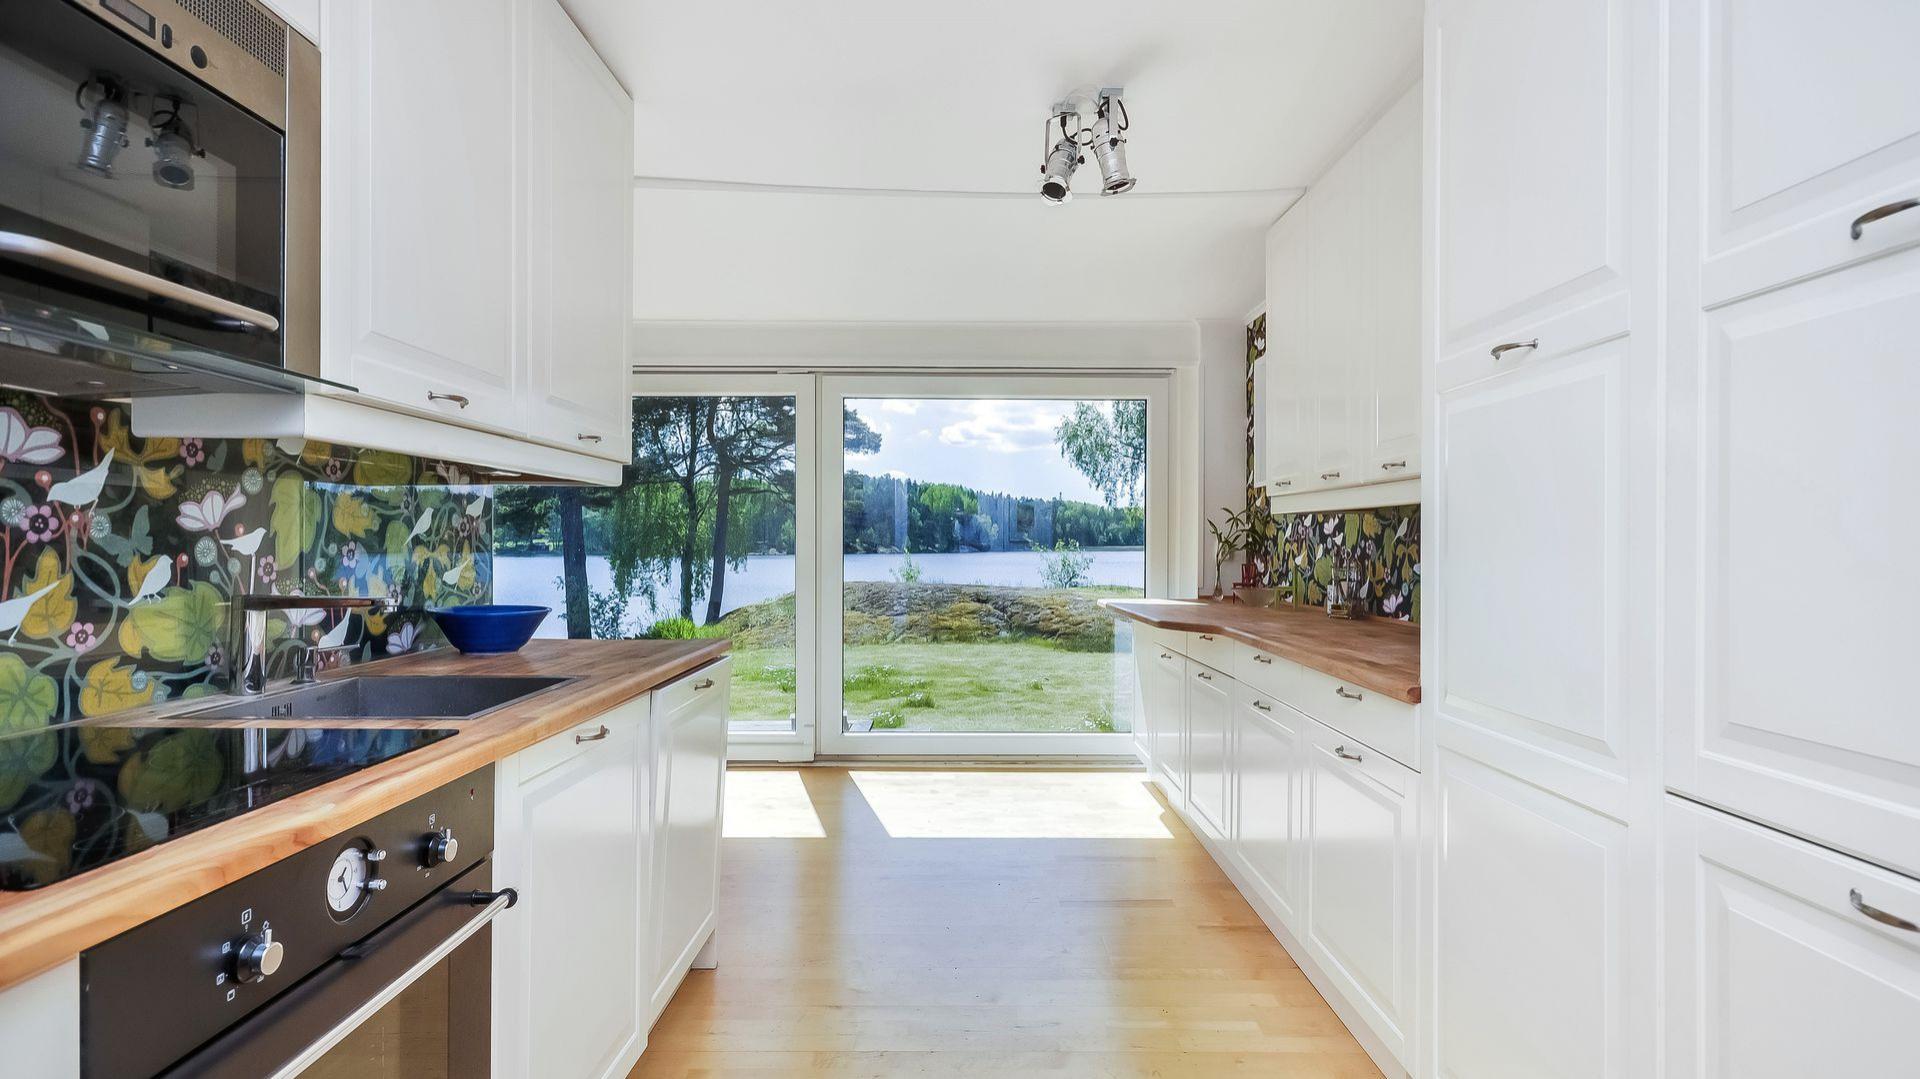 Prosta naturalna kuchnia z białymi, drewnianymi meblami w tradycyjnym stylu. Fot. Svenskfast.se.